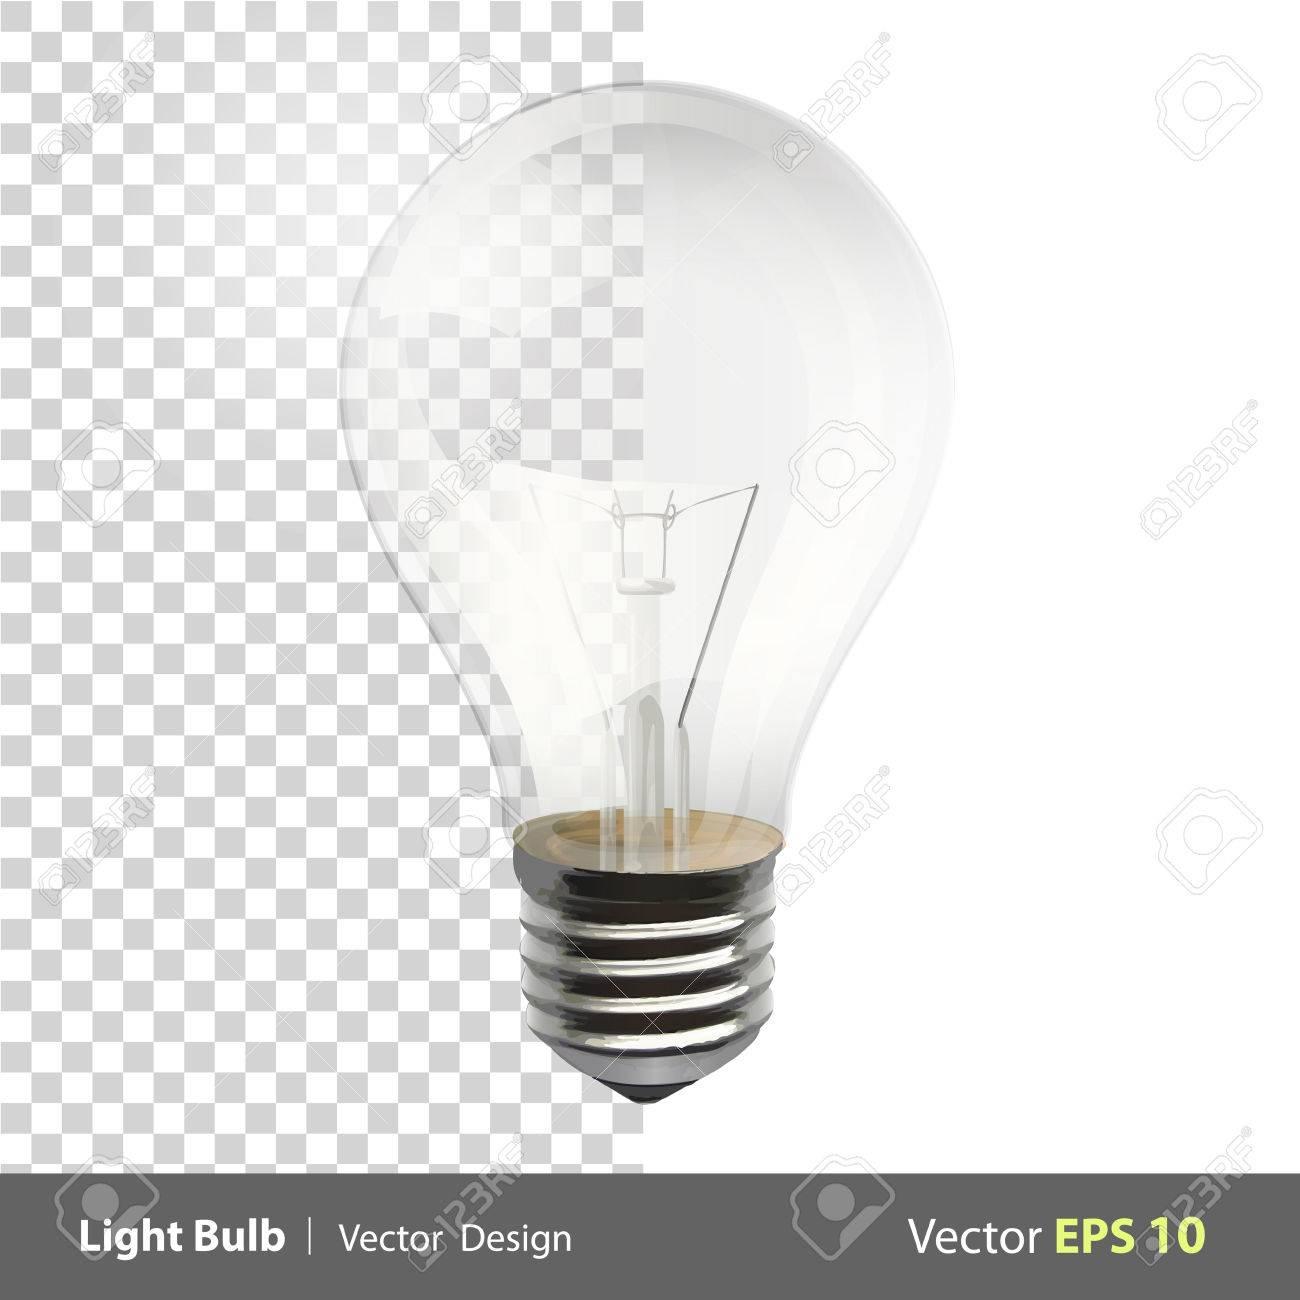 Lmpara De Diseo Vectorial Realista Realista Ilustraciones